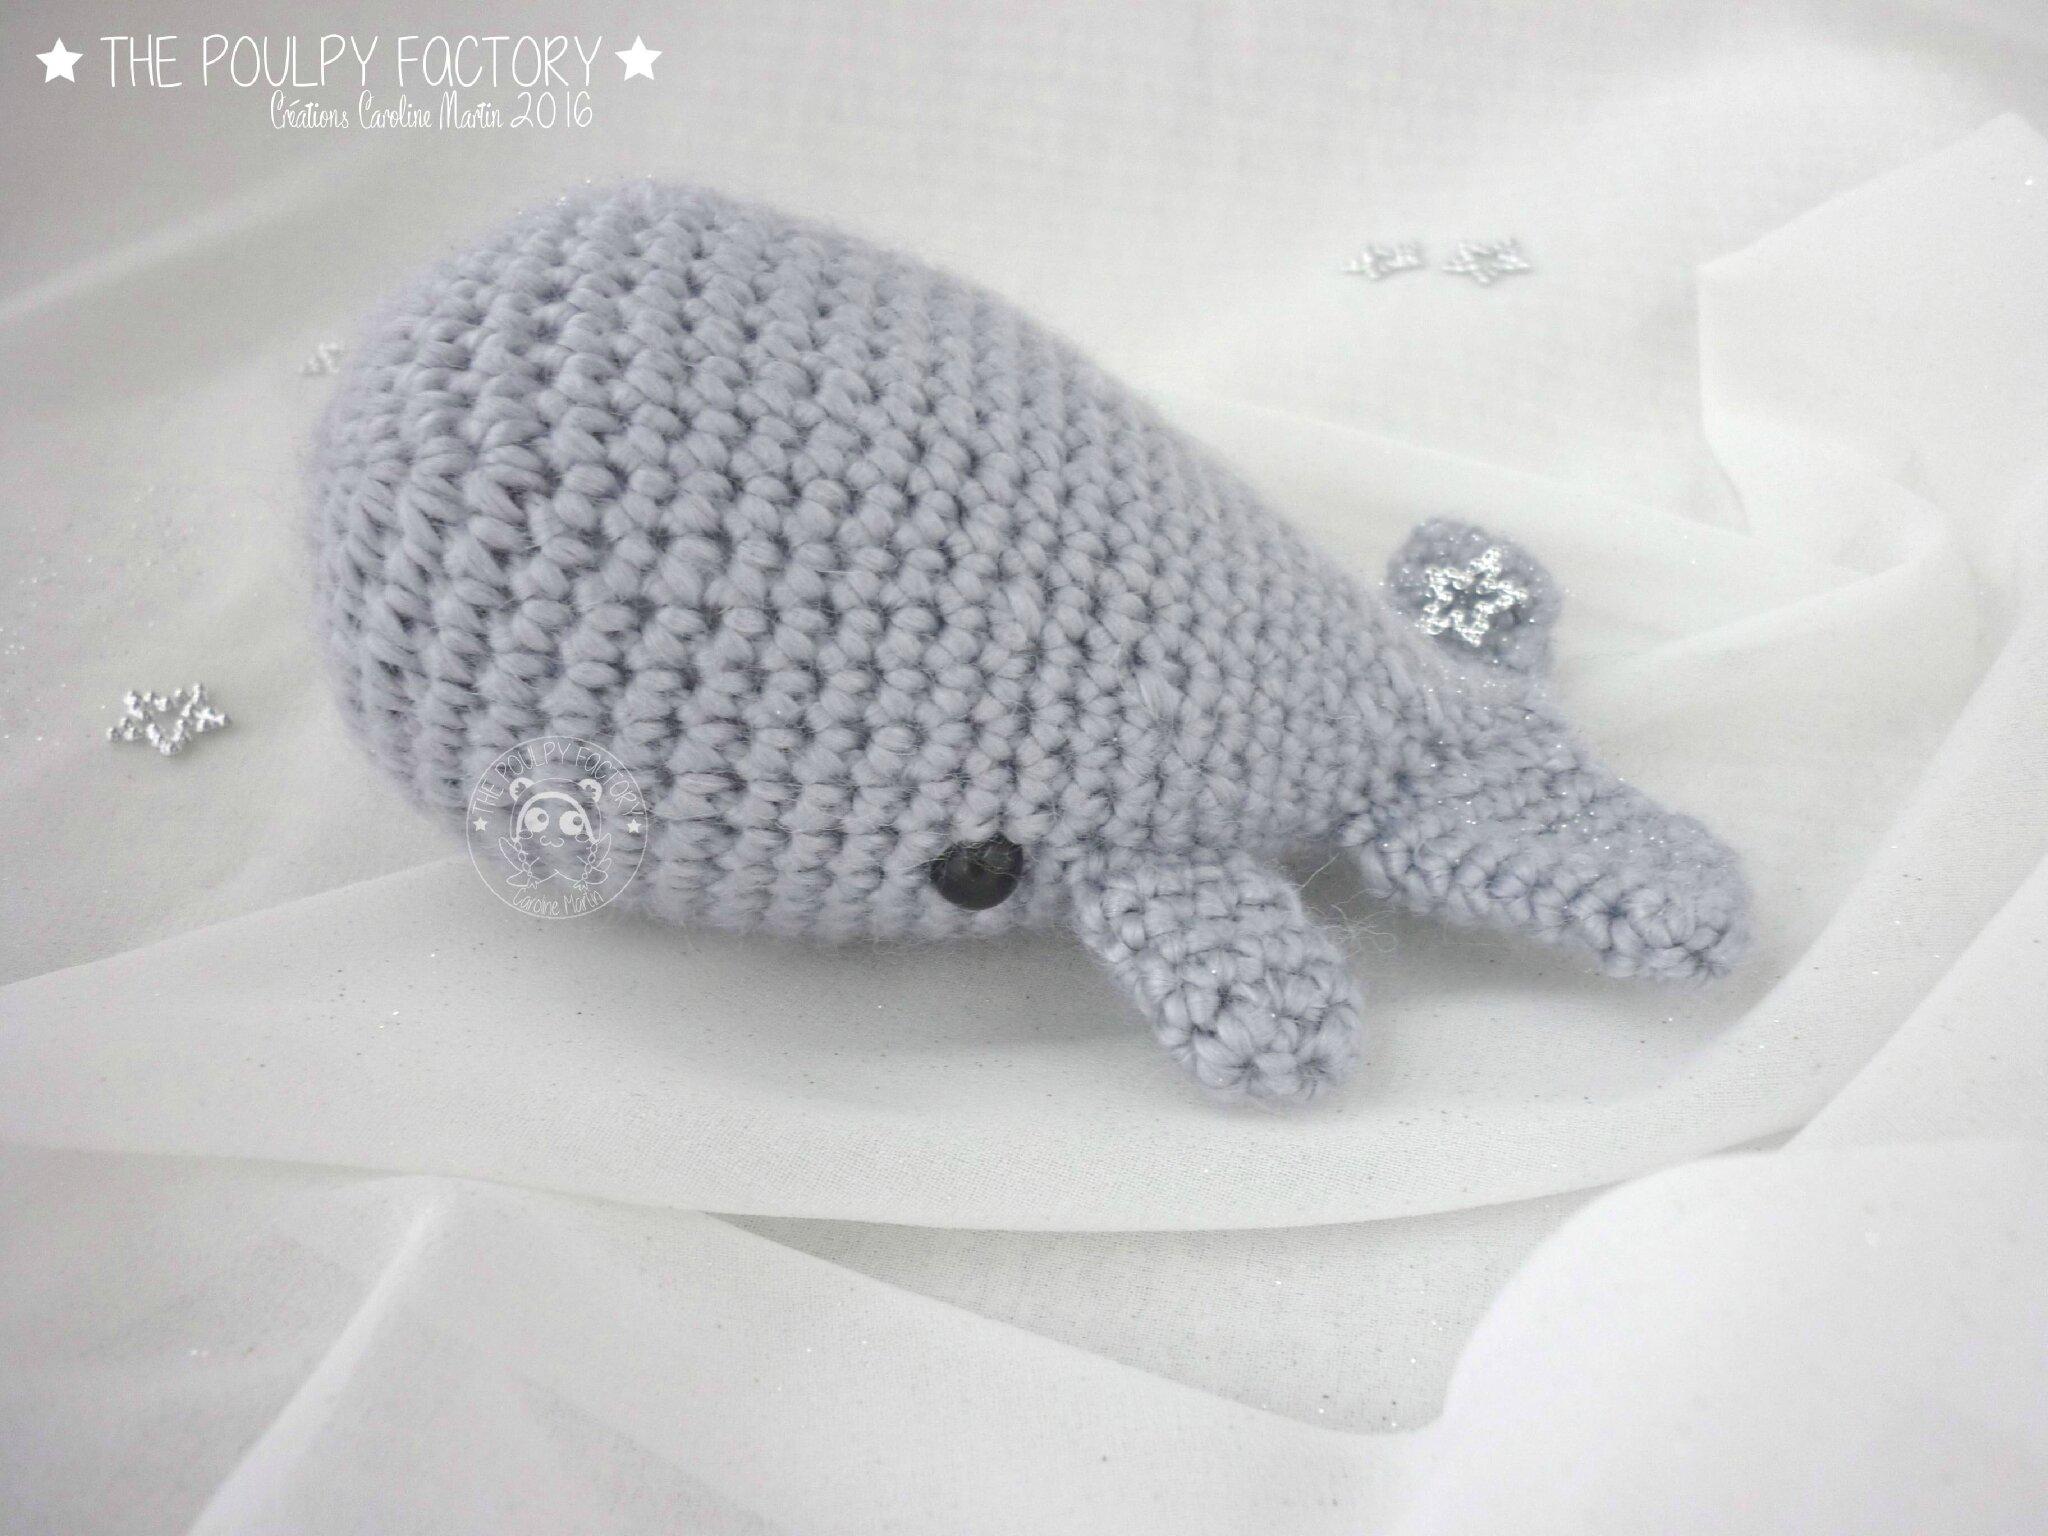 Des baleines amigurumis ! - The Poulpy Factory - le blog